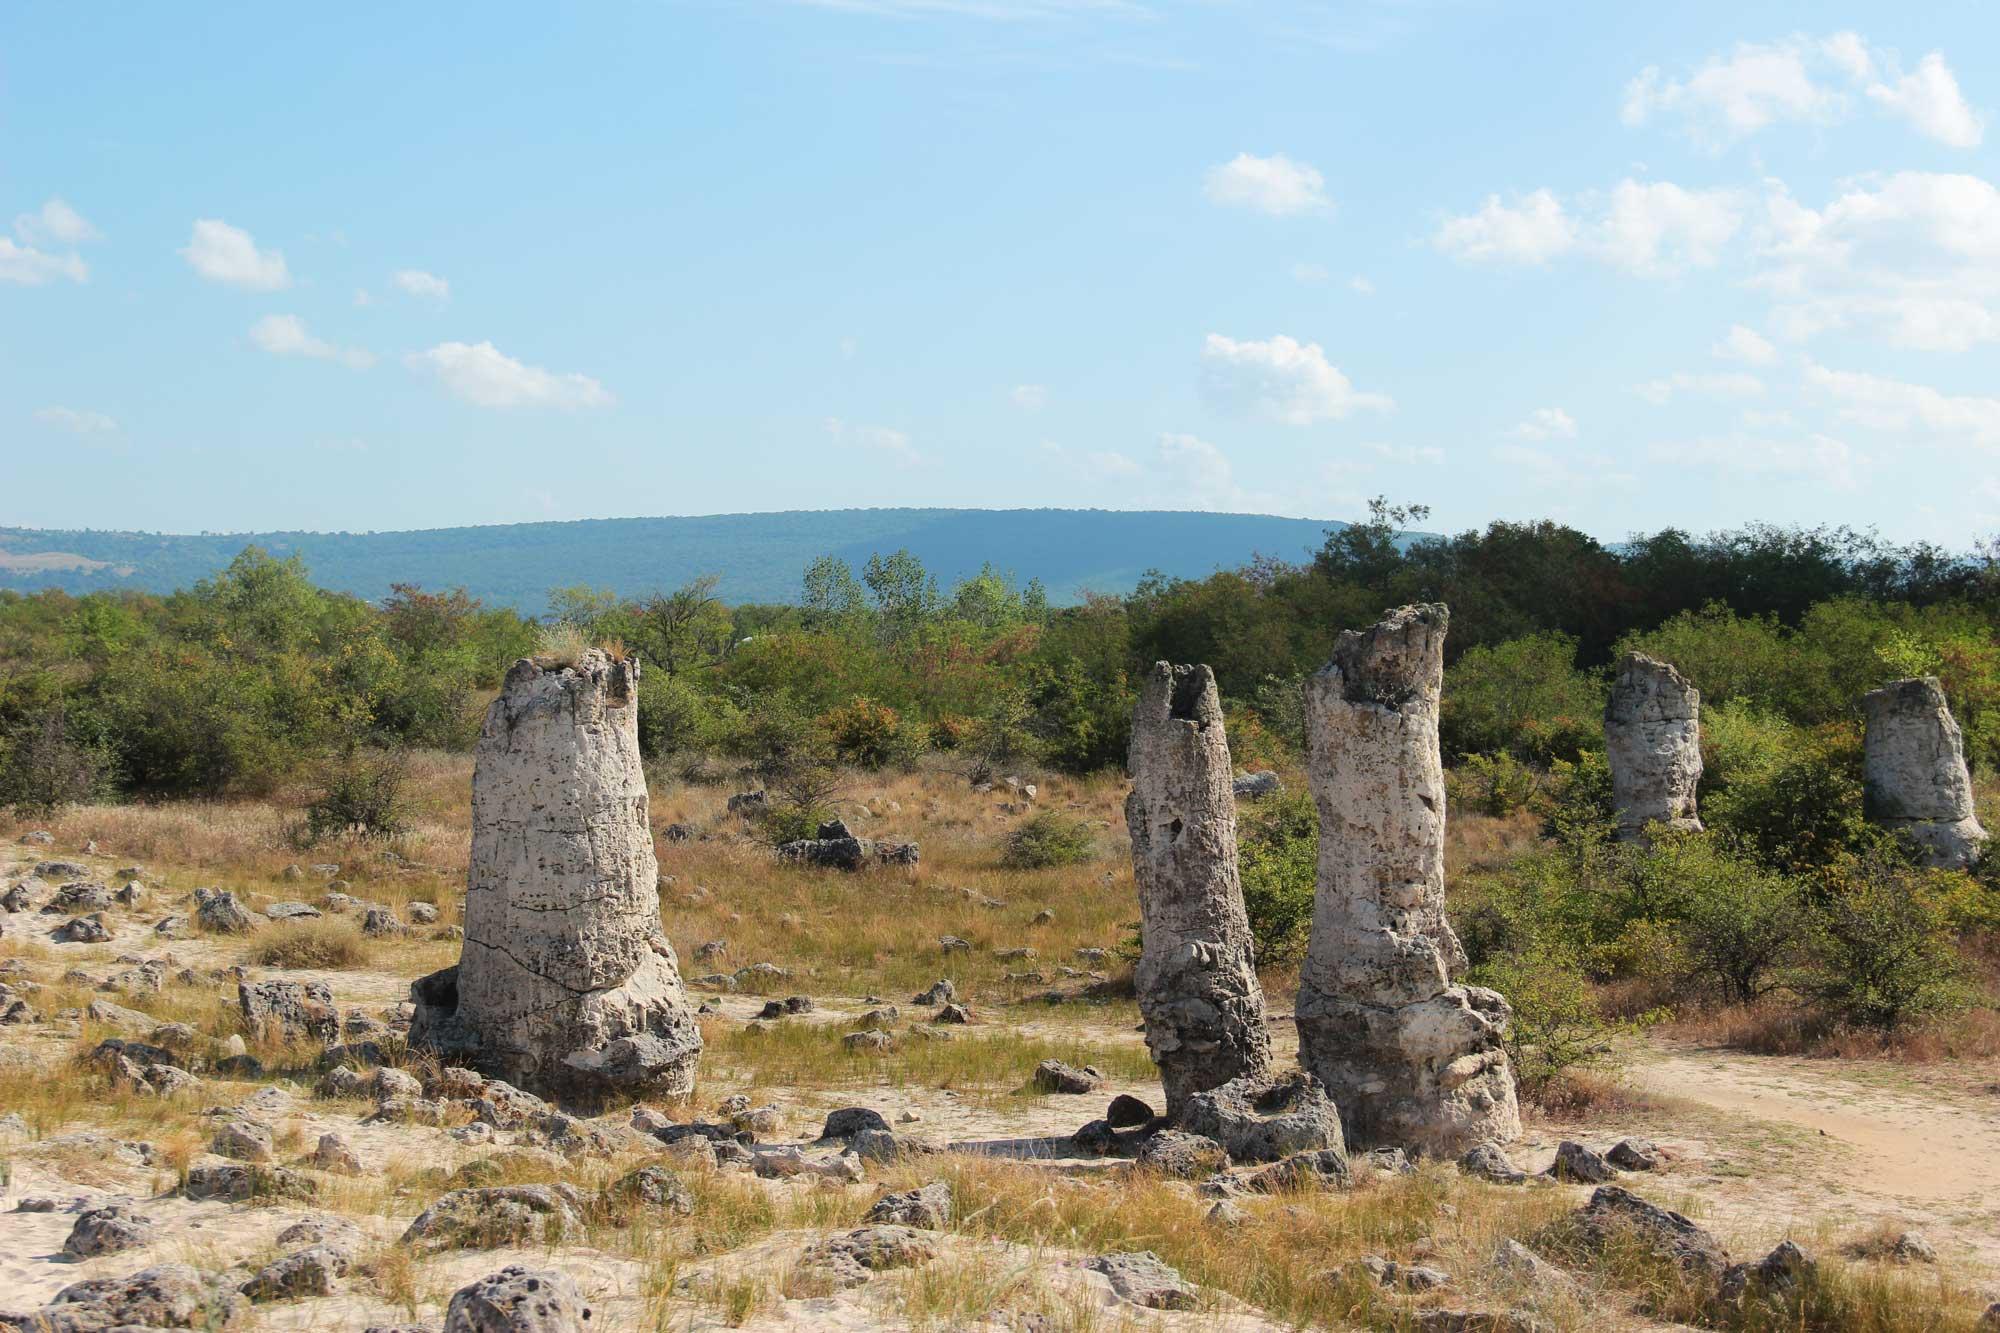 камни среди обычного природного пейзажа